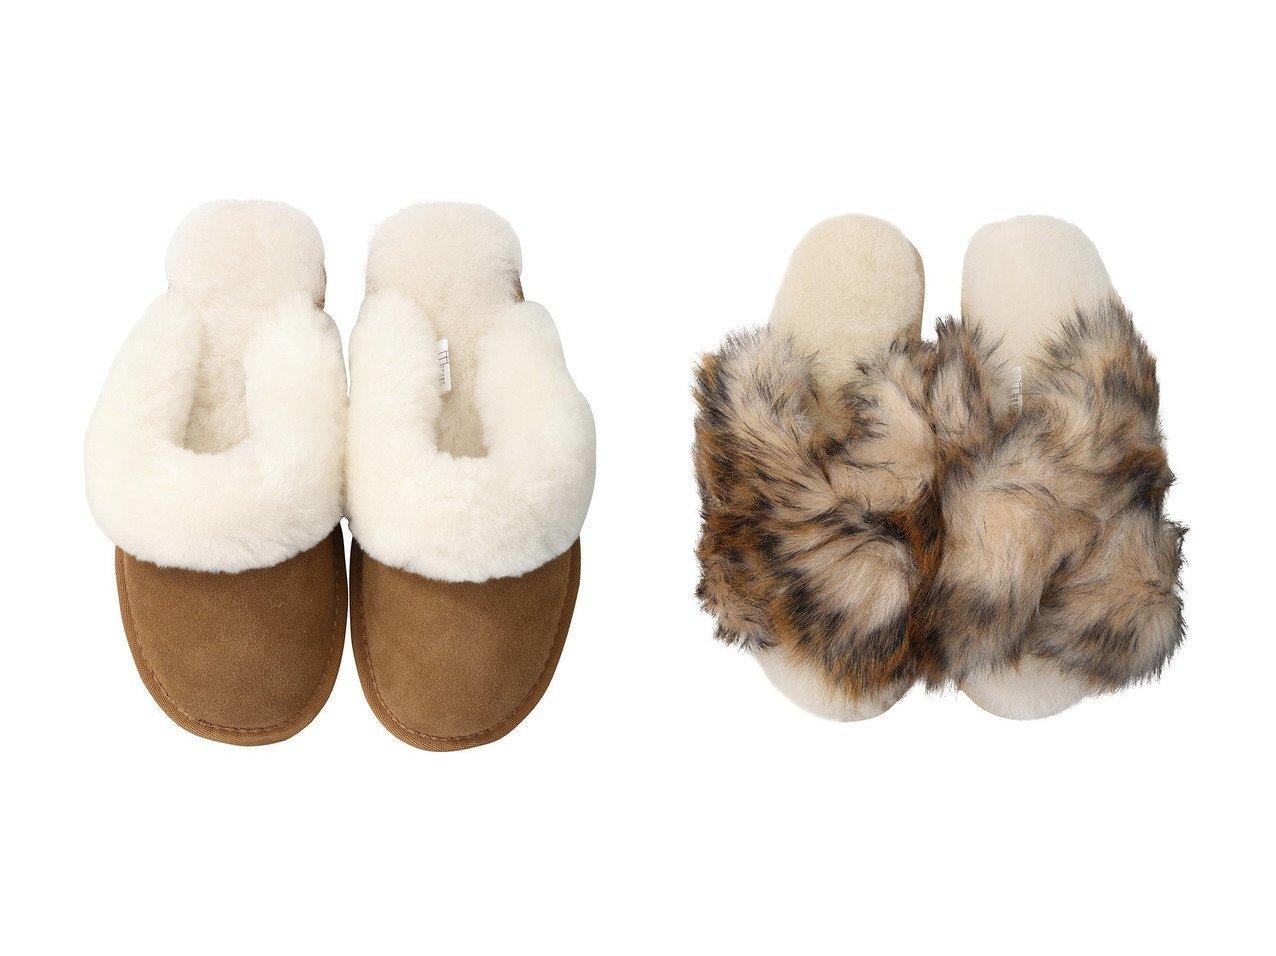 【EMU Australia/エミュ オーストラリア】のJolie スリッパ&Mayberry Lava シープスキンサンダル 【シューズ・靴】おすすめ!人気、トレンド・レディースファッションの通販 おすすめで人気の流行・トレンド、ファッションの通販商品 インテリア・家具・メンズファッション・キッズファッション・レディースファッション・服の通販 founy(ファニー) https://founy.com/ ファッション Fashion レディースファッション WOMEN シューズ スエード スリッパ フラット ラバー サンダル マーブル ムートン ラグジュアリー |ID:crp329100000072571